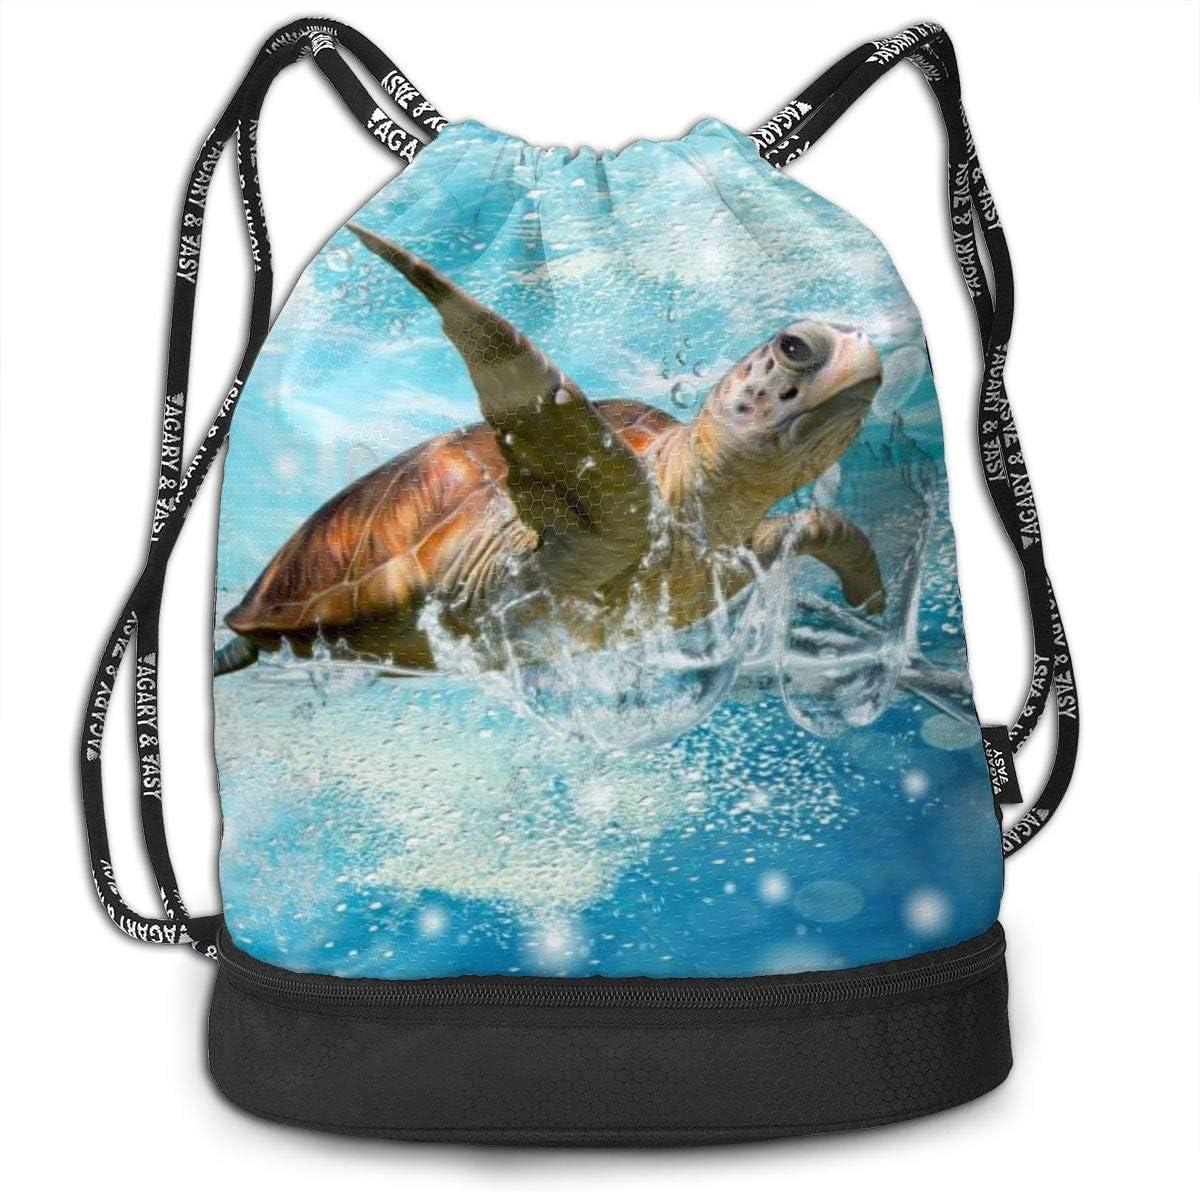 GymSack Drawstring Bag Sackpack Roaming Turtle Sport Cinch Pack Simple Bundle Pocke Backpack For Men Women